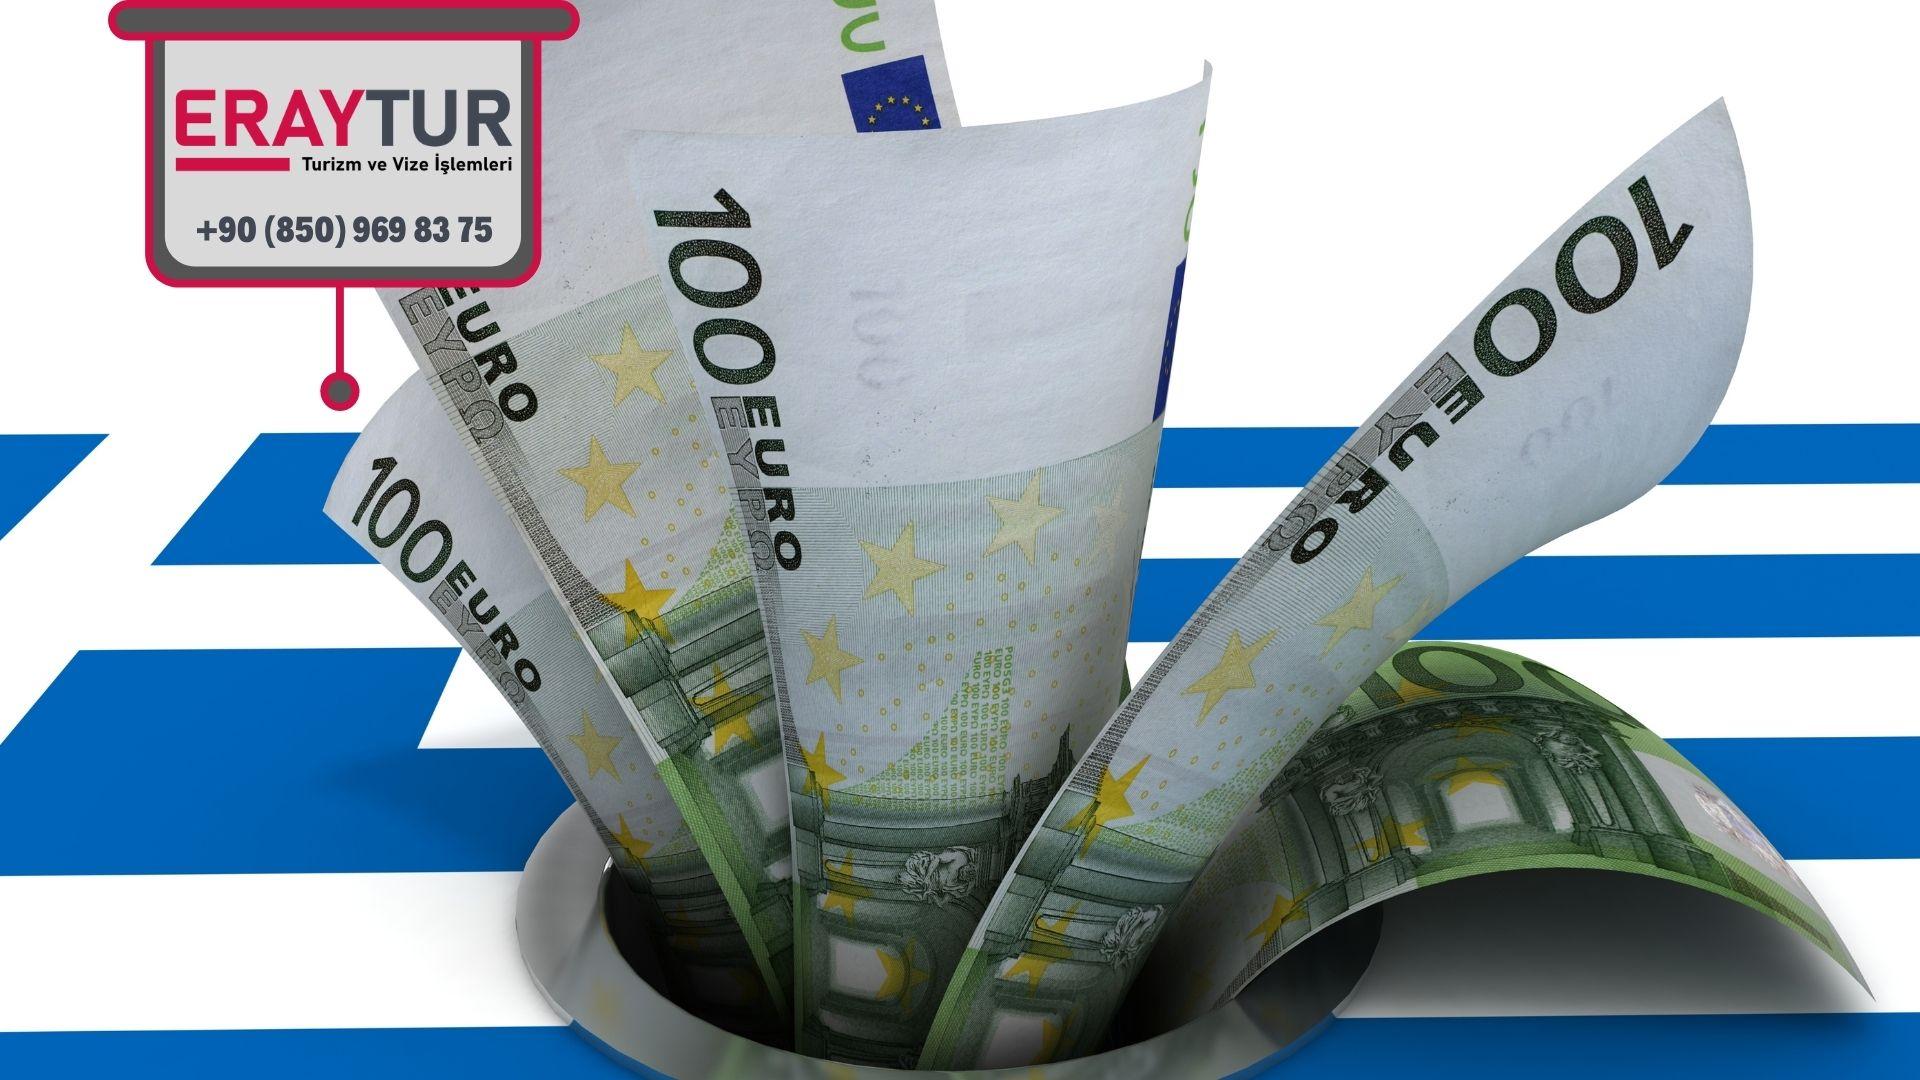 Yunanistan Çalışma İzni GEREKLİ EVRAKLAR NELERDİR?